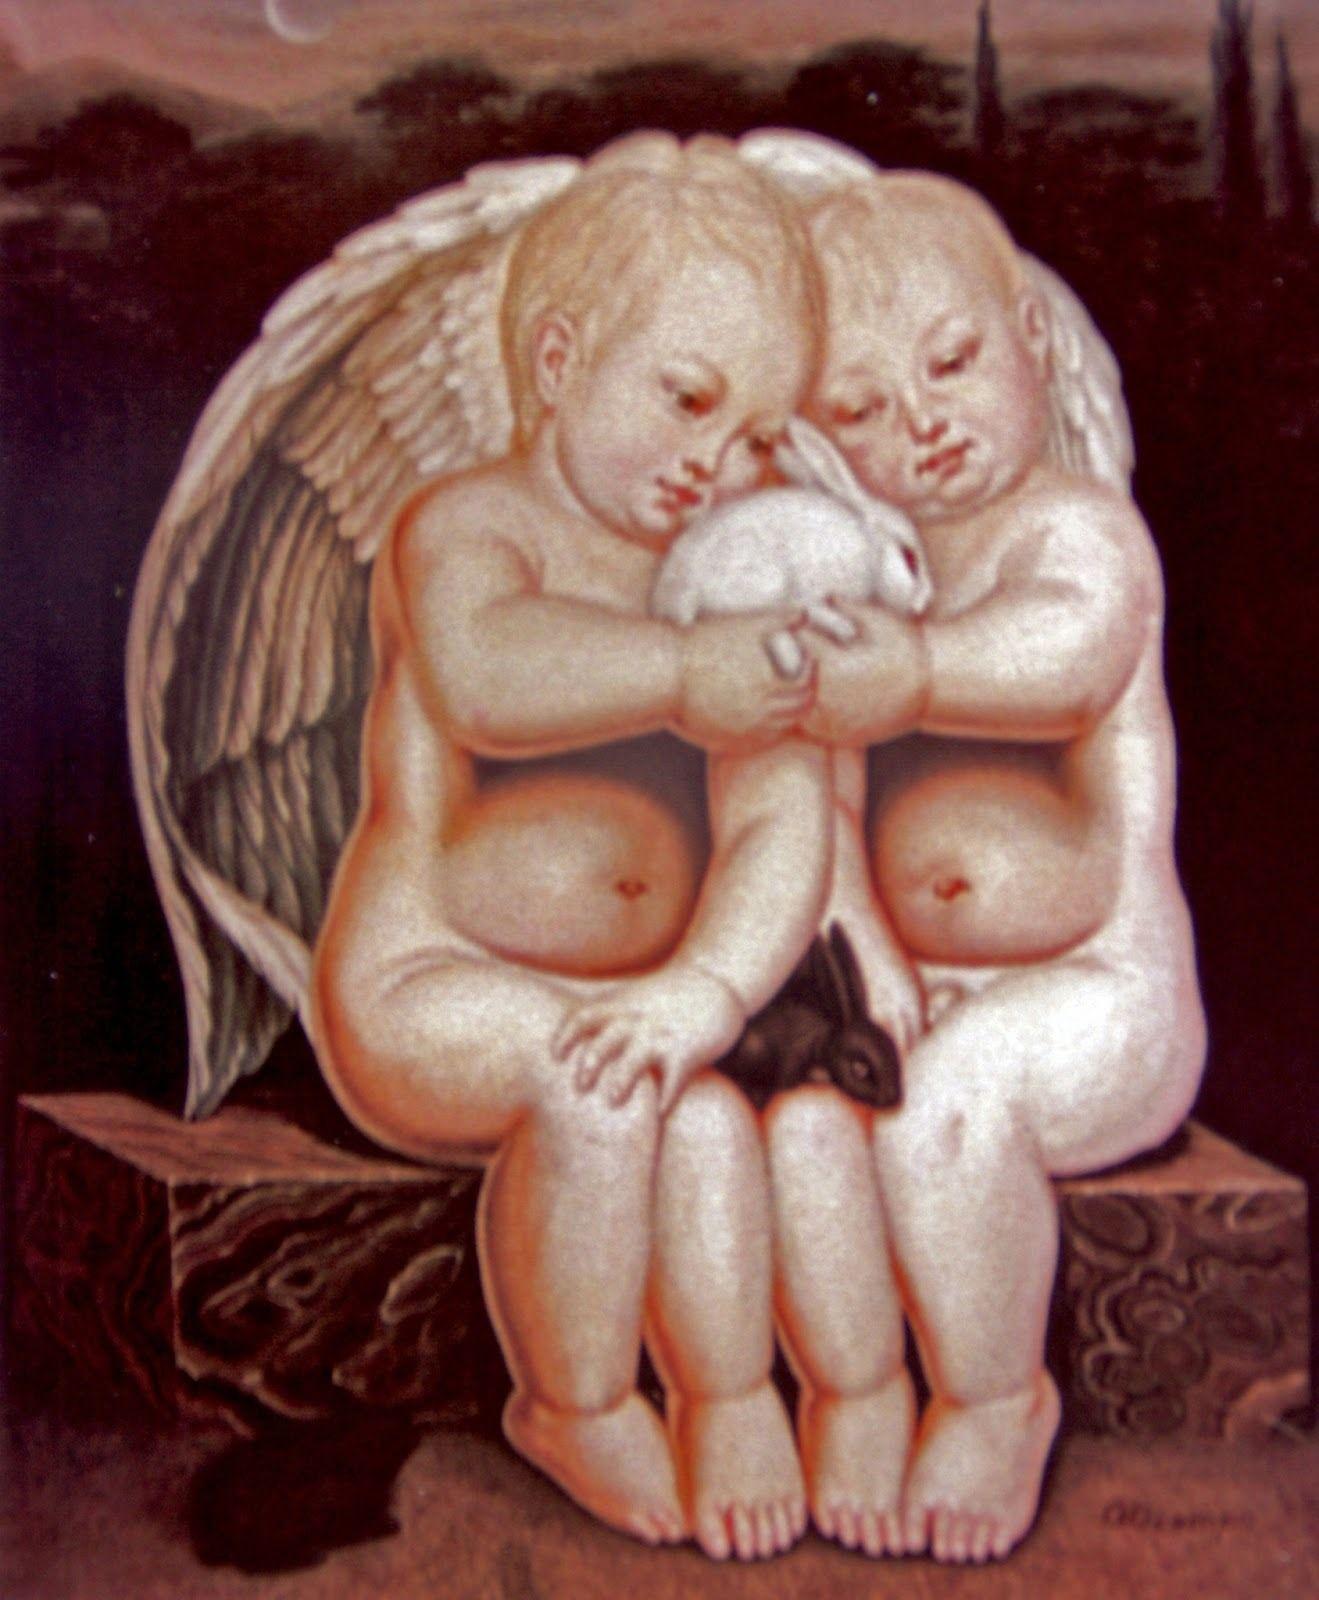 Surrealismo by octavio ocampo illusioni ottiche arte illusionista surrealismo dipinti dibujo